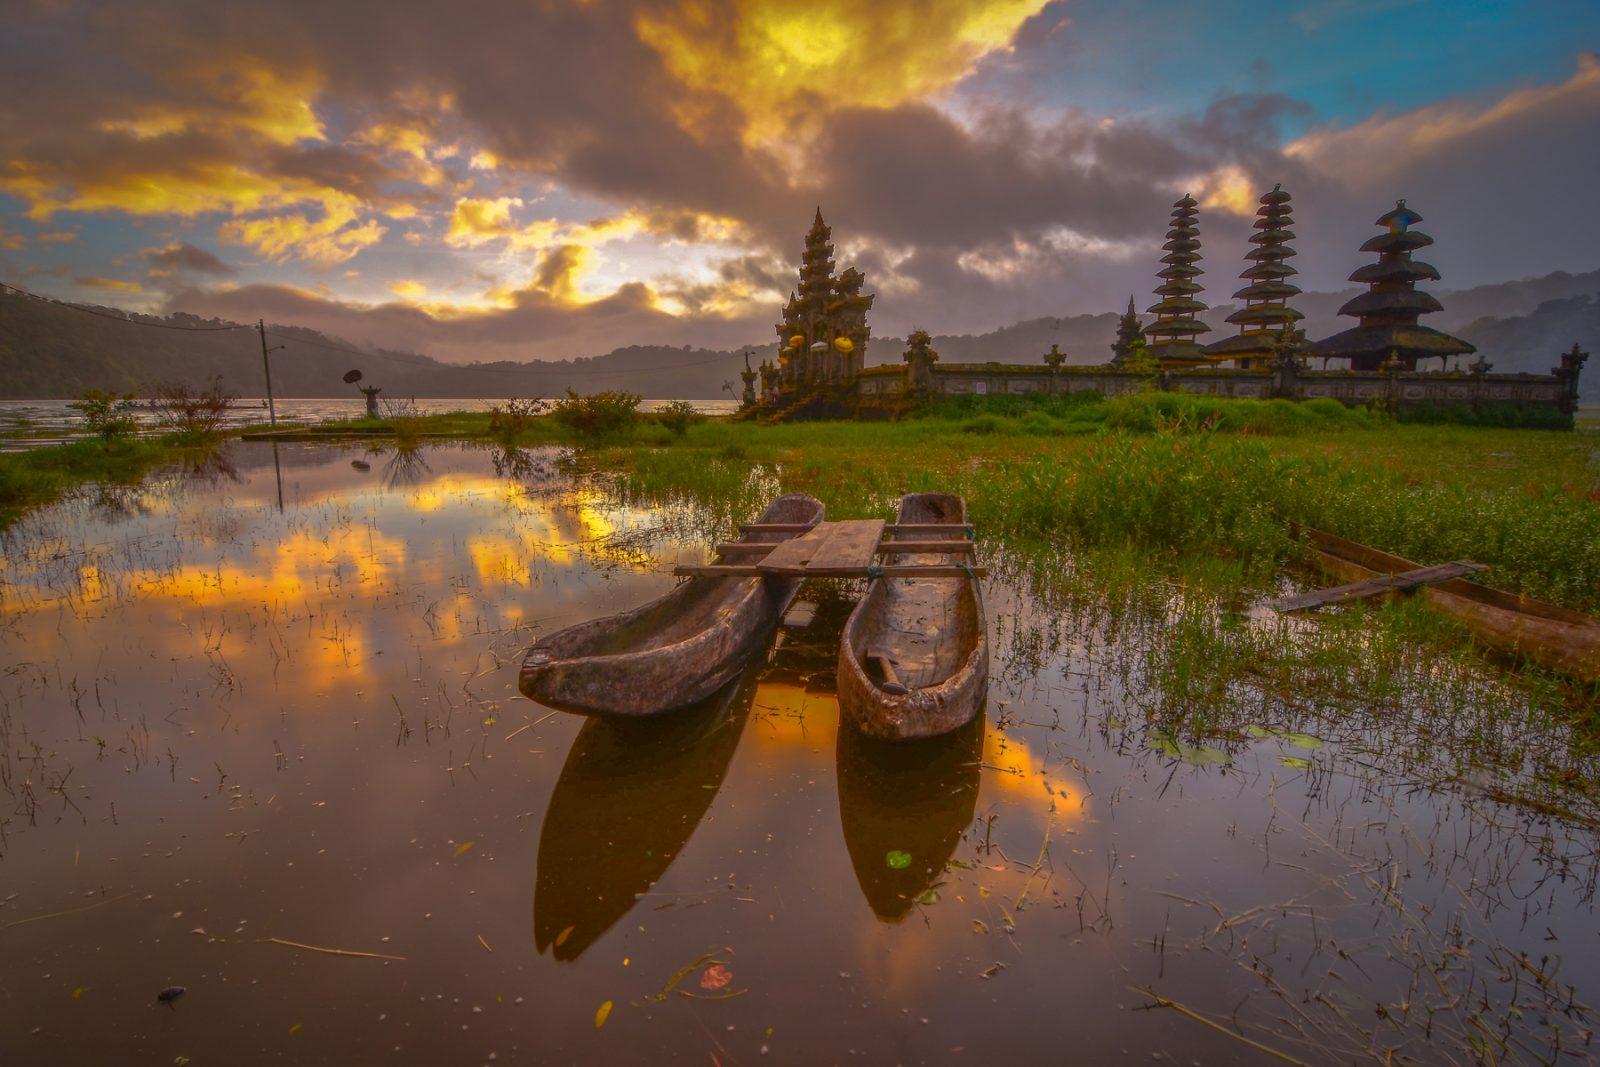 objek-wisata-danau-tamblingan